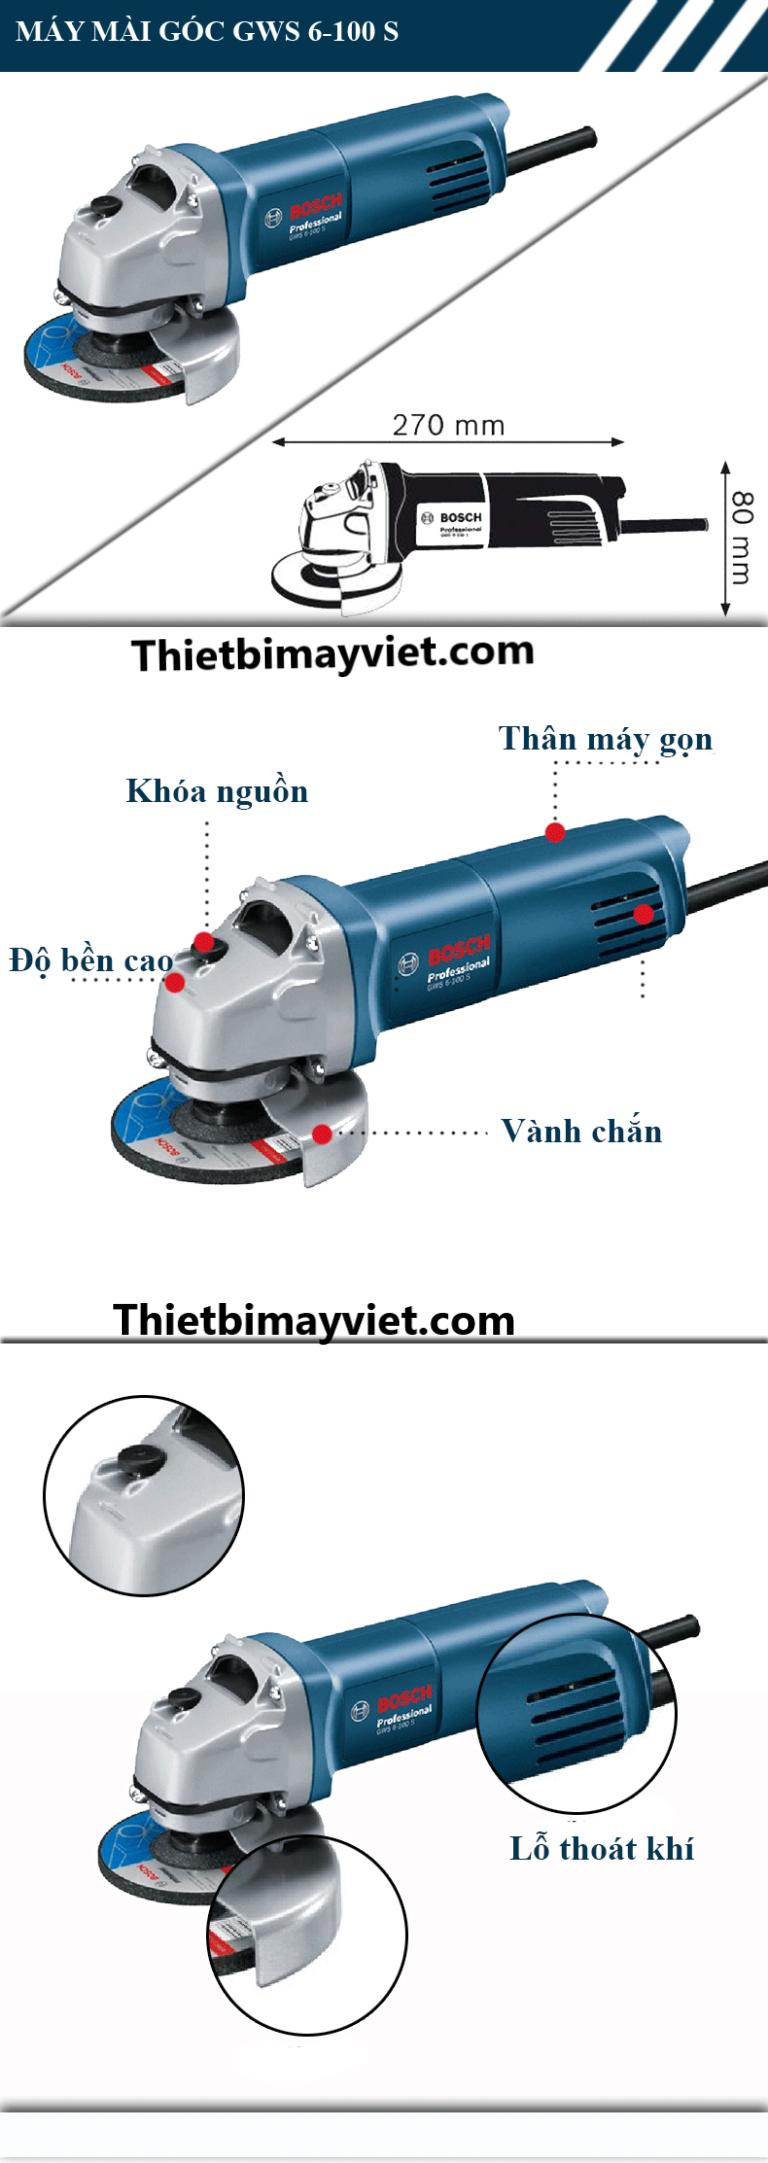 Máy mài Bosch GWS 6 - 100